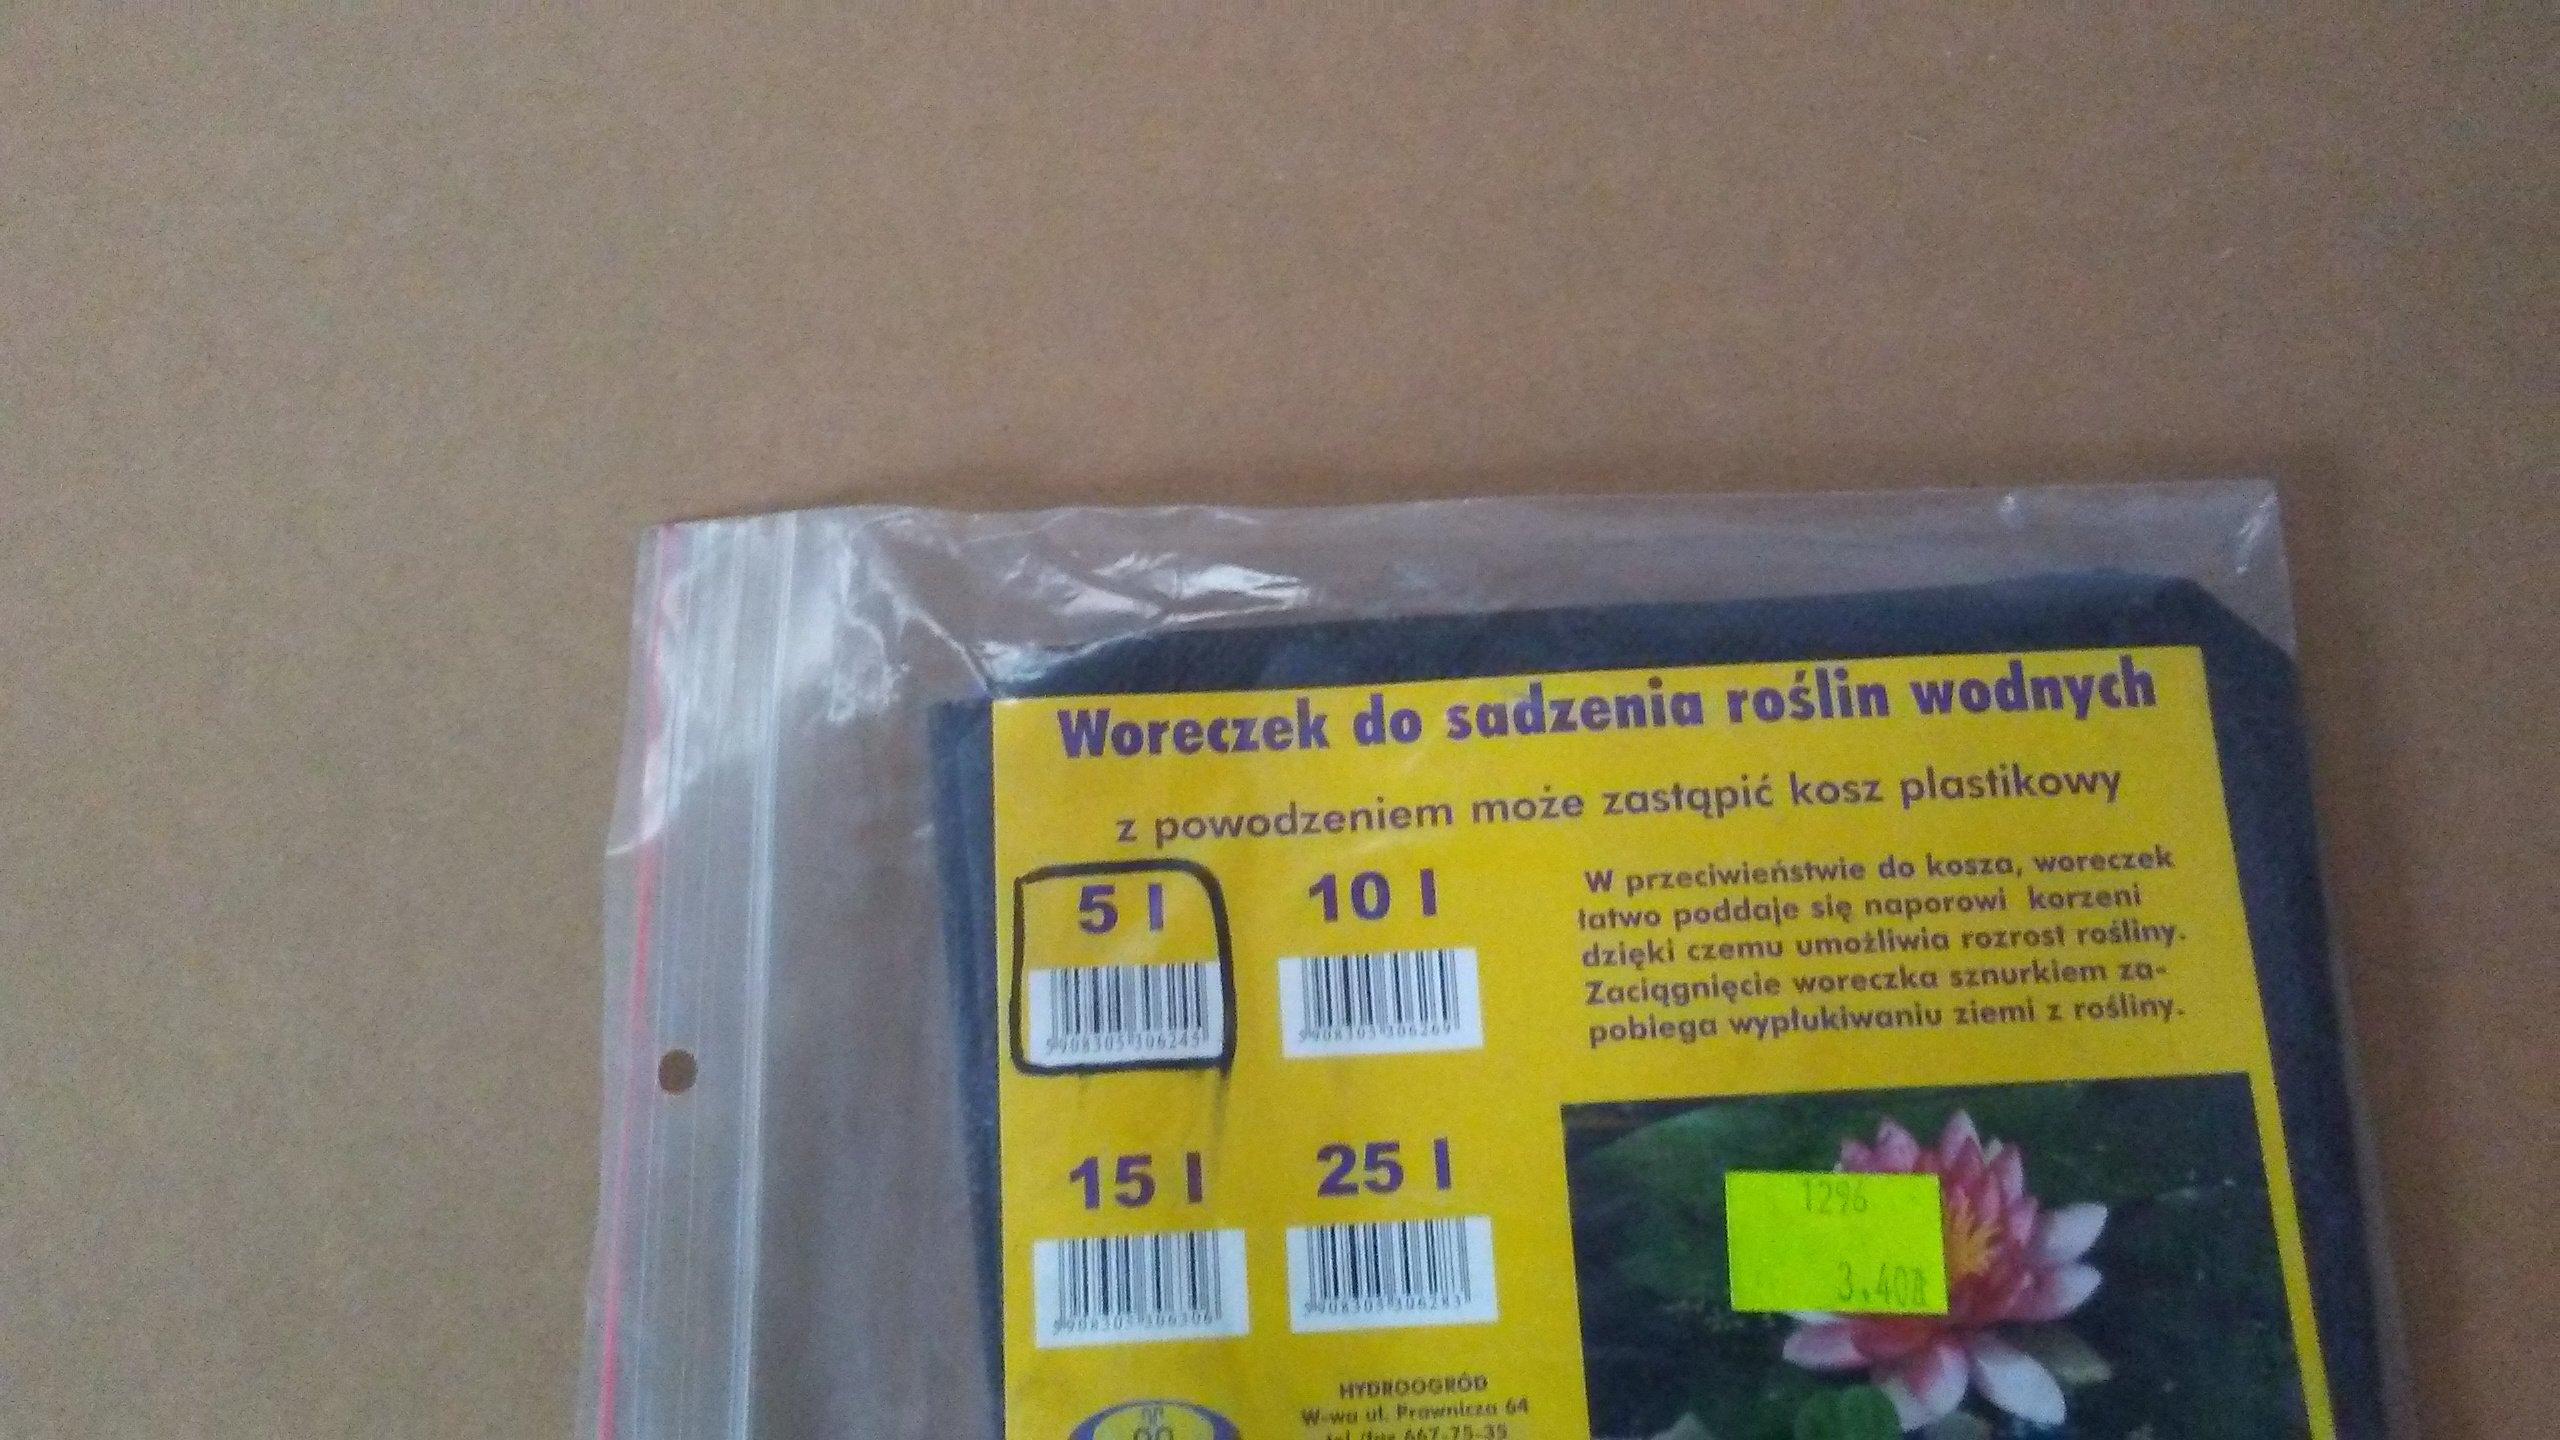 Woreczek do sadzenia roślin wodnych 5l